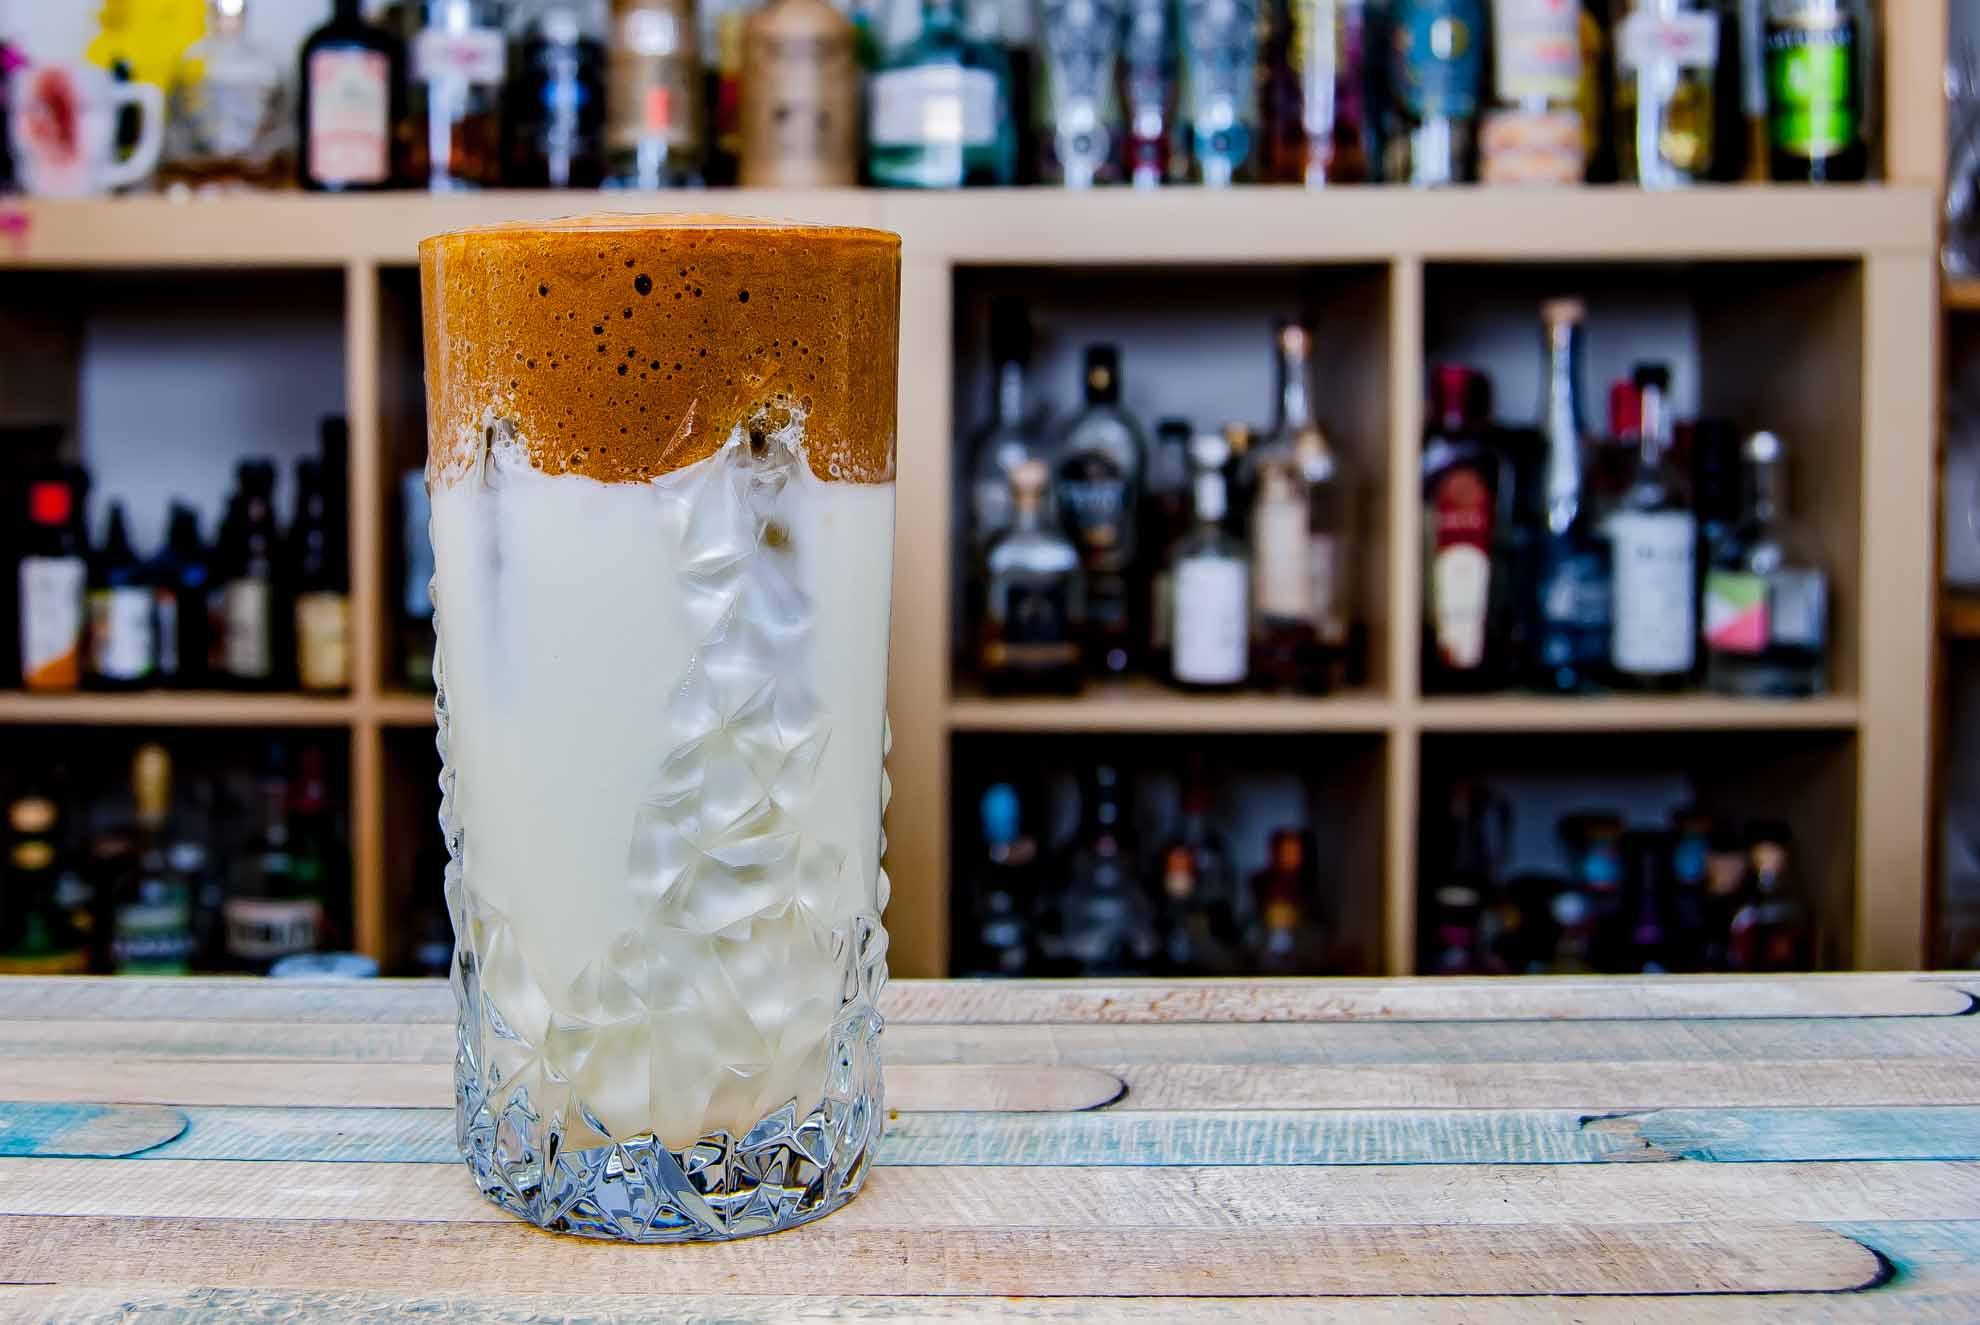 Schön näher dran - dafür war dieser Dalgona-Cocktail geschmacklich fast so schlimm wie das Original.